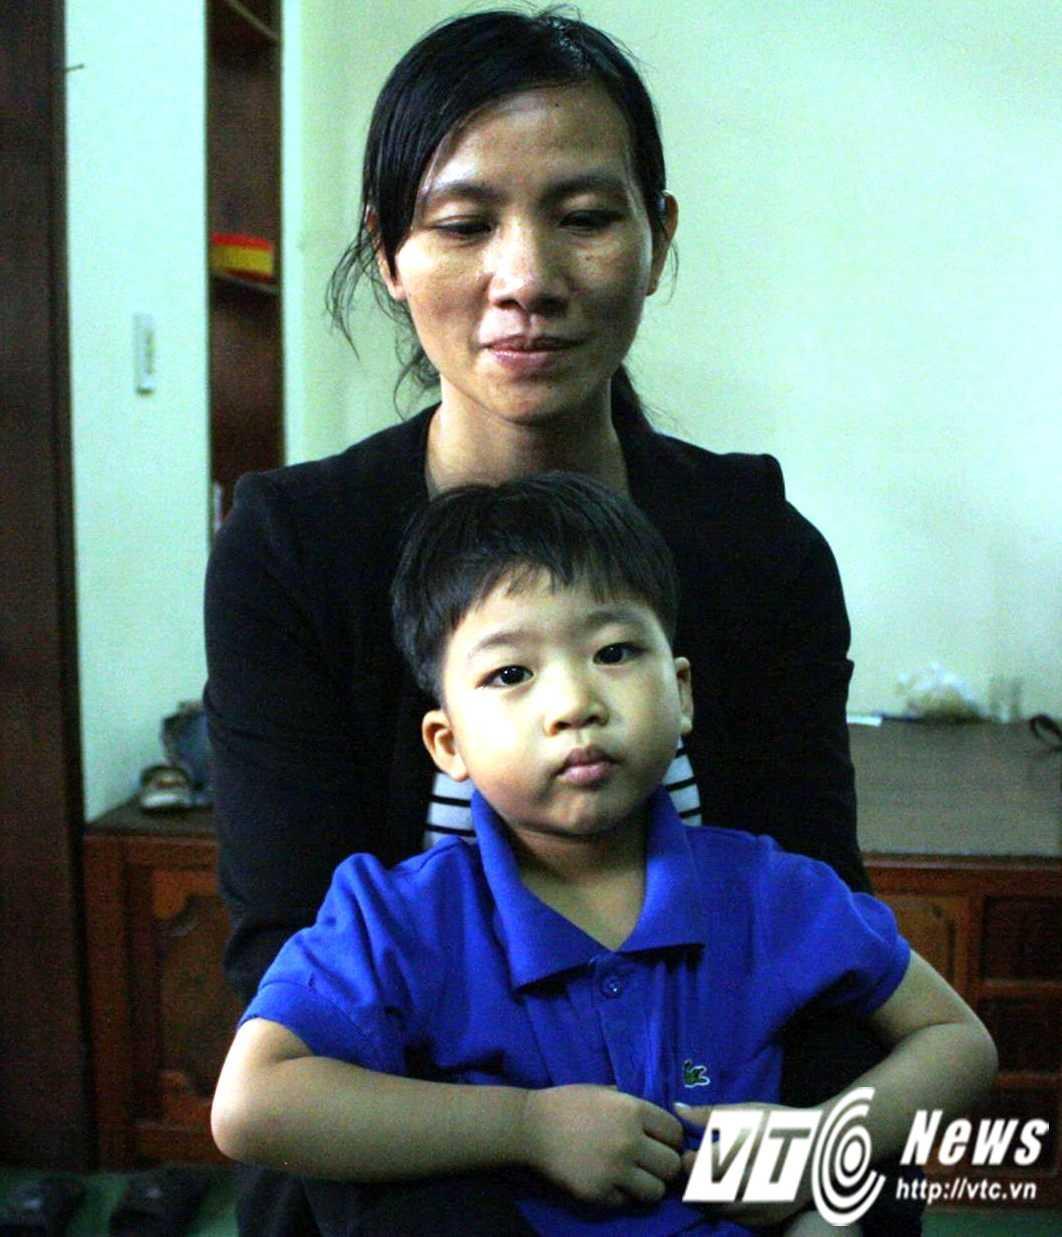 Chị Hồ Khánh Ngọc thuật lại sự việc xảy ra tối ngày 18/4 với PV VTC News.